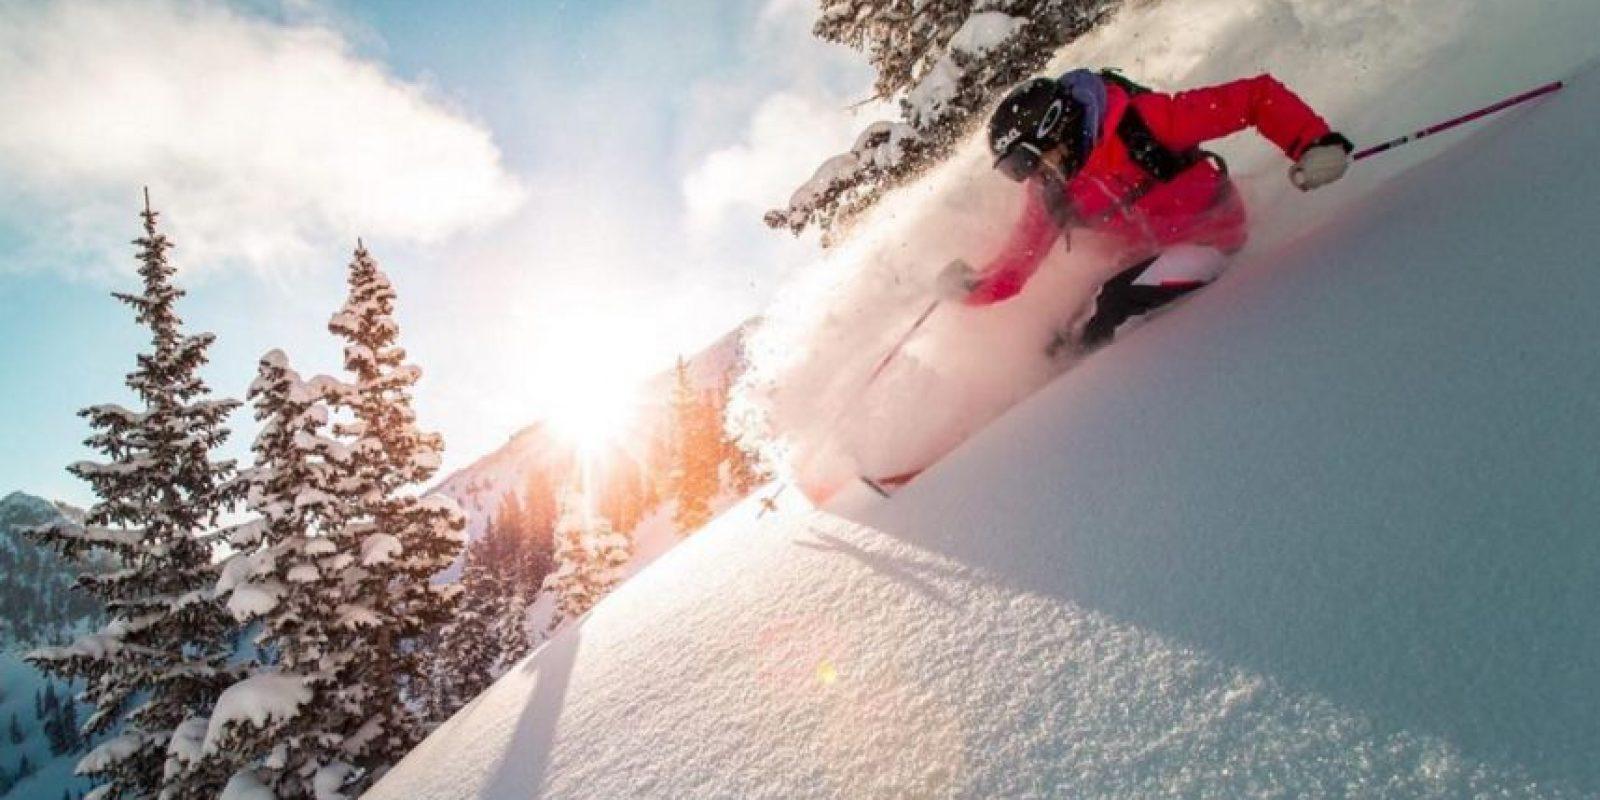 El esquí no es un deporte muy común en Latinoamérica… Foto:Vía instagram.com/sierraquitiquit